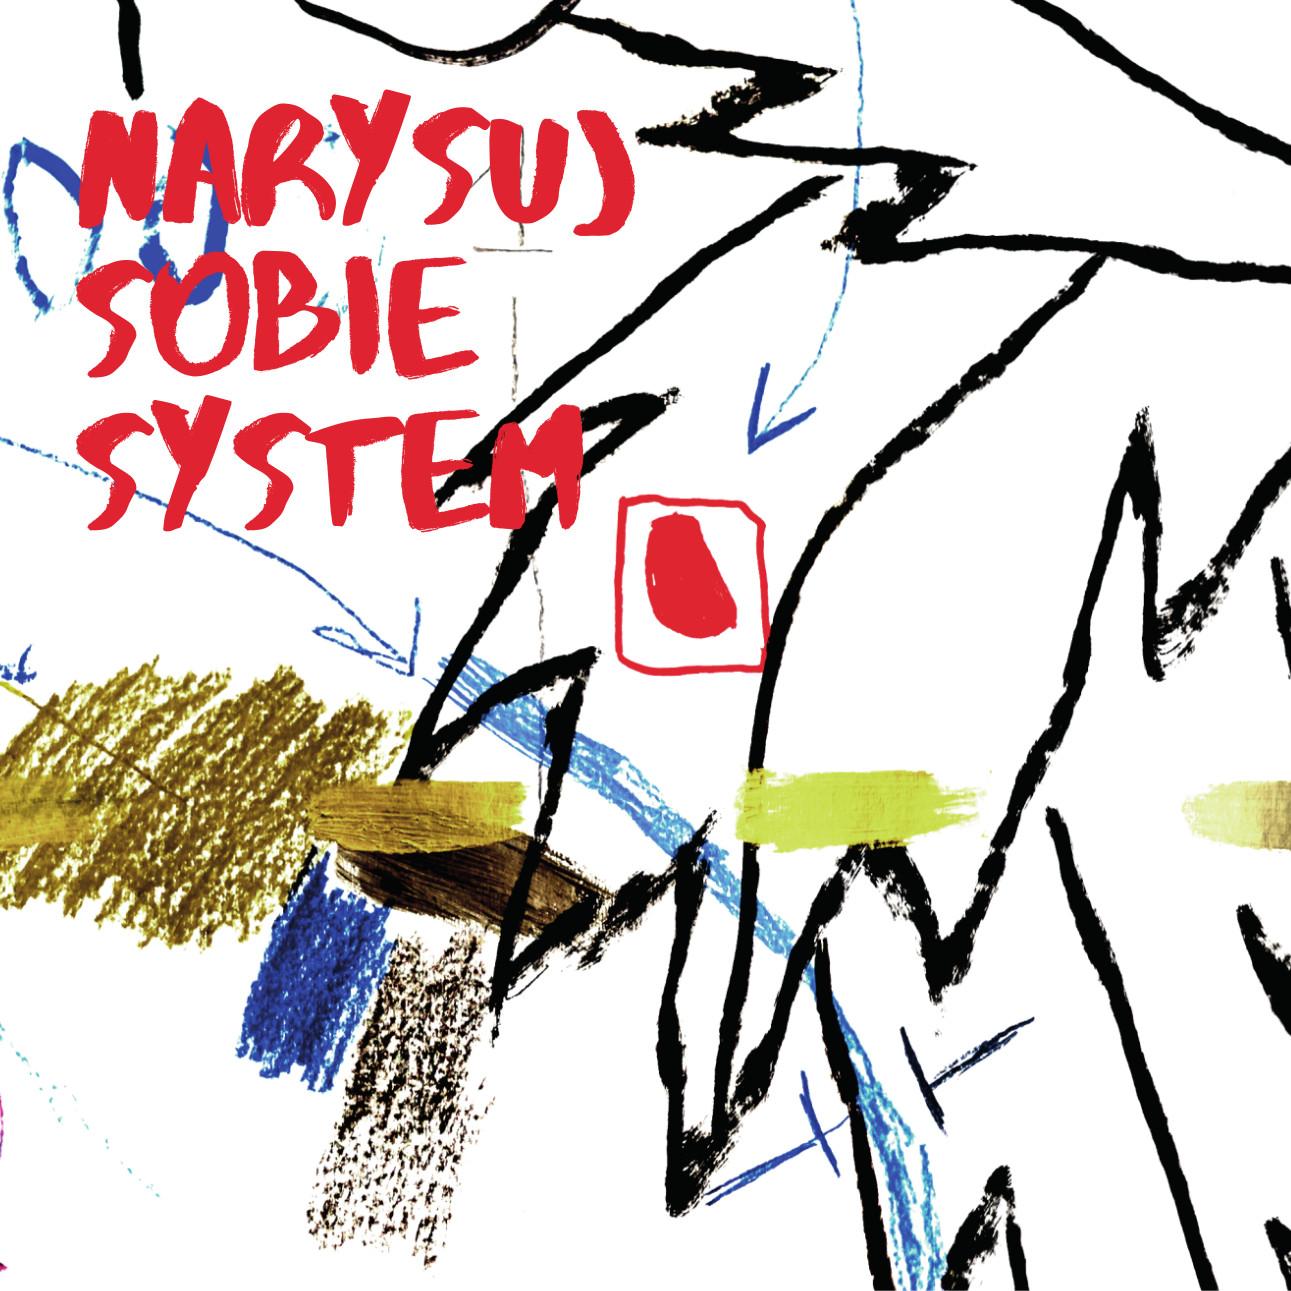 """""""Narysuj sobie system"""" (źródło: materiały prasowe organizatora)"""